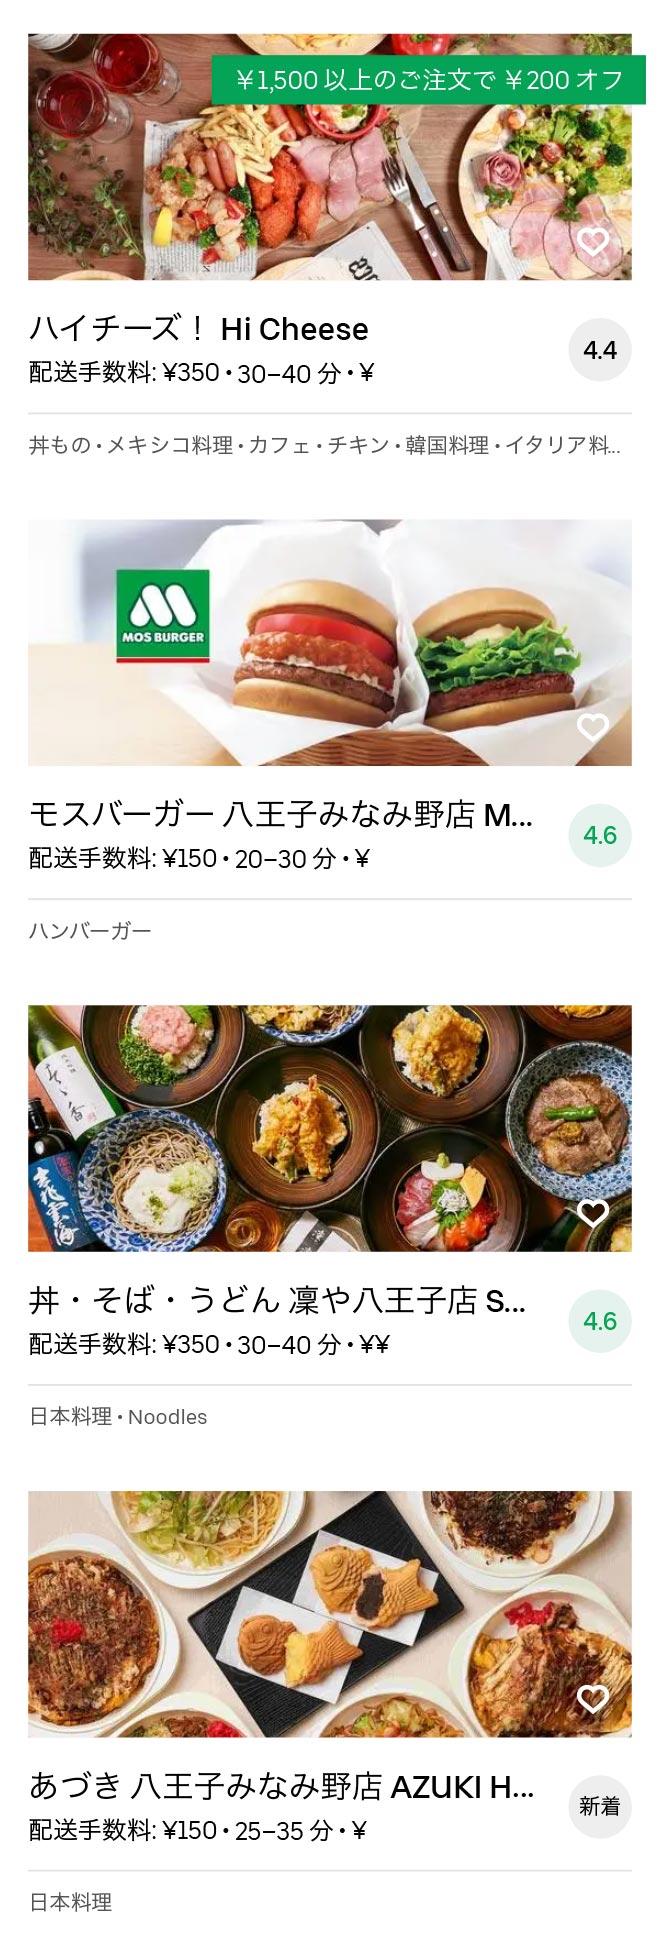 Hatioji minamino menu 2010 10